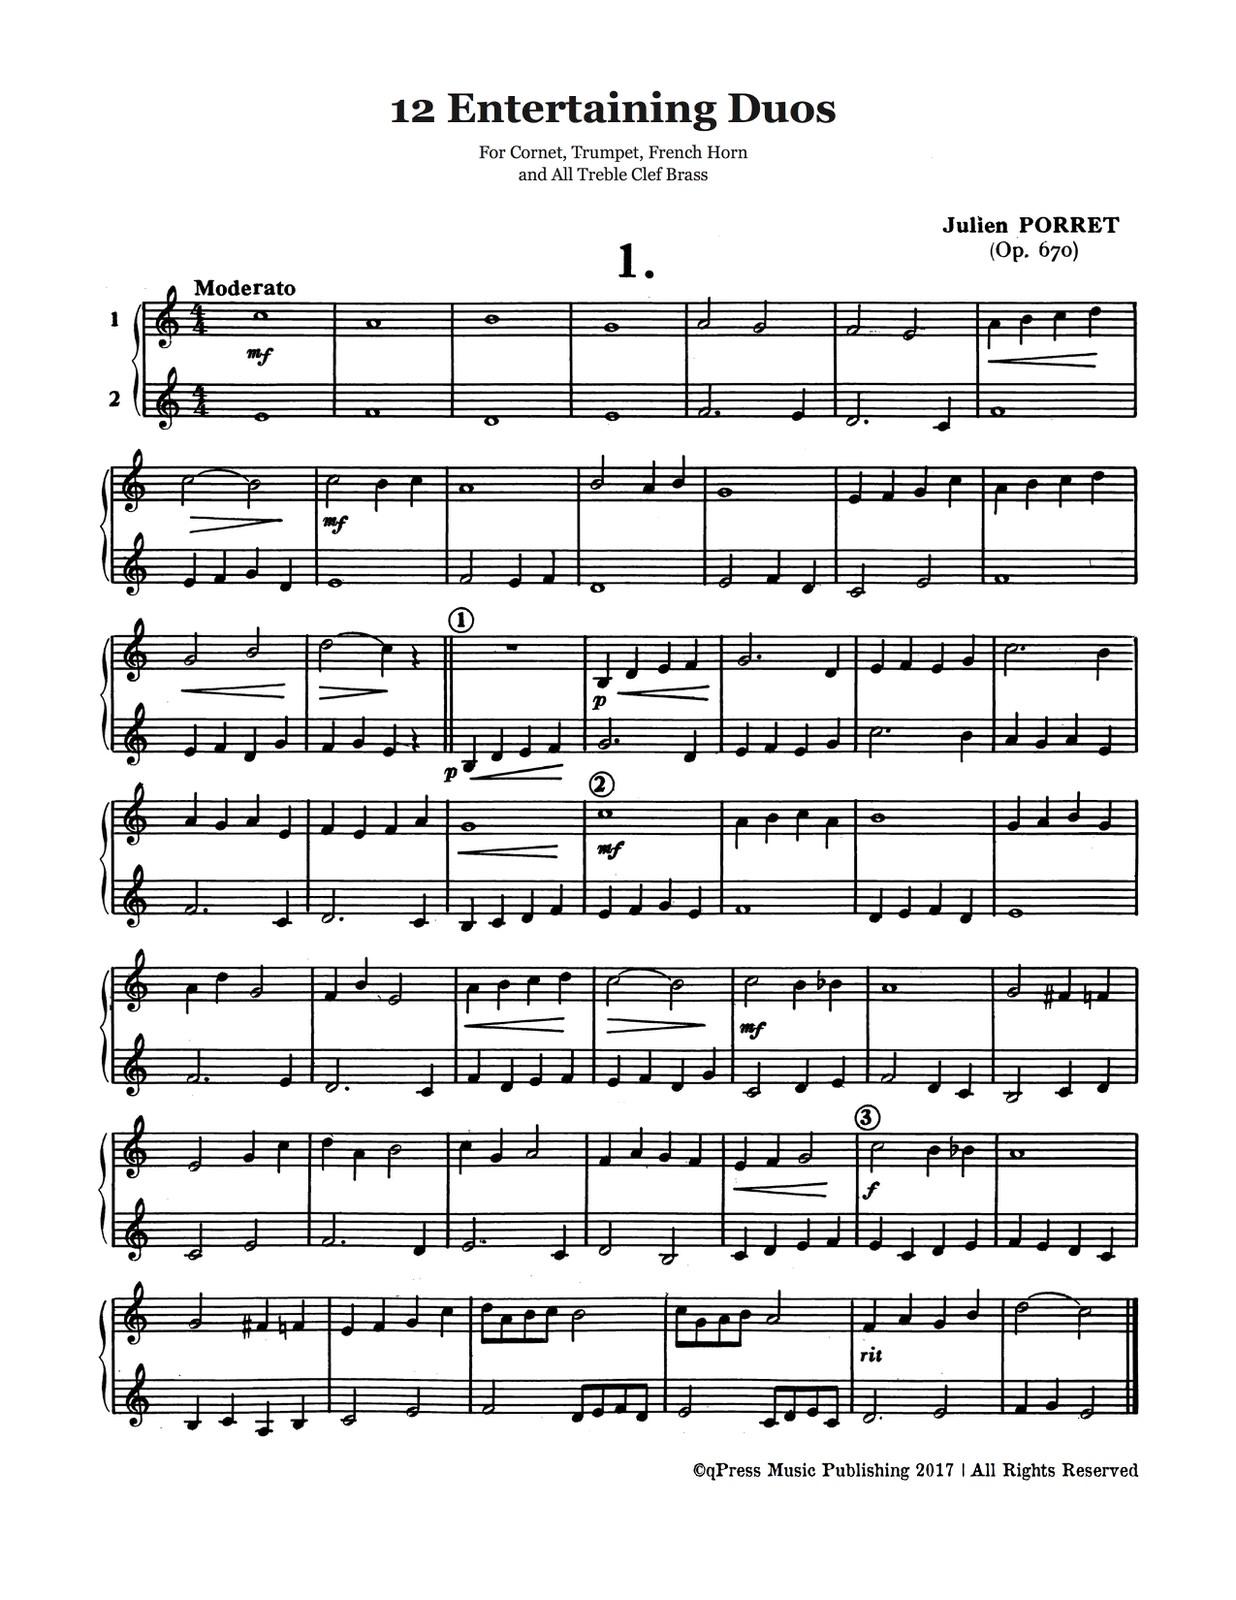 Porret, 12 Divertissements en Duos for Cornet, Trumpet, Bugle-p03